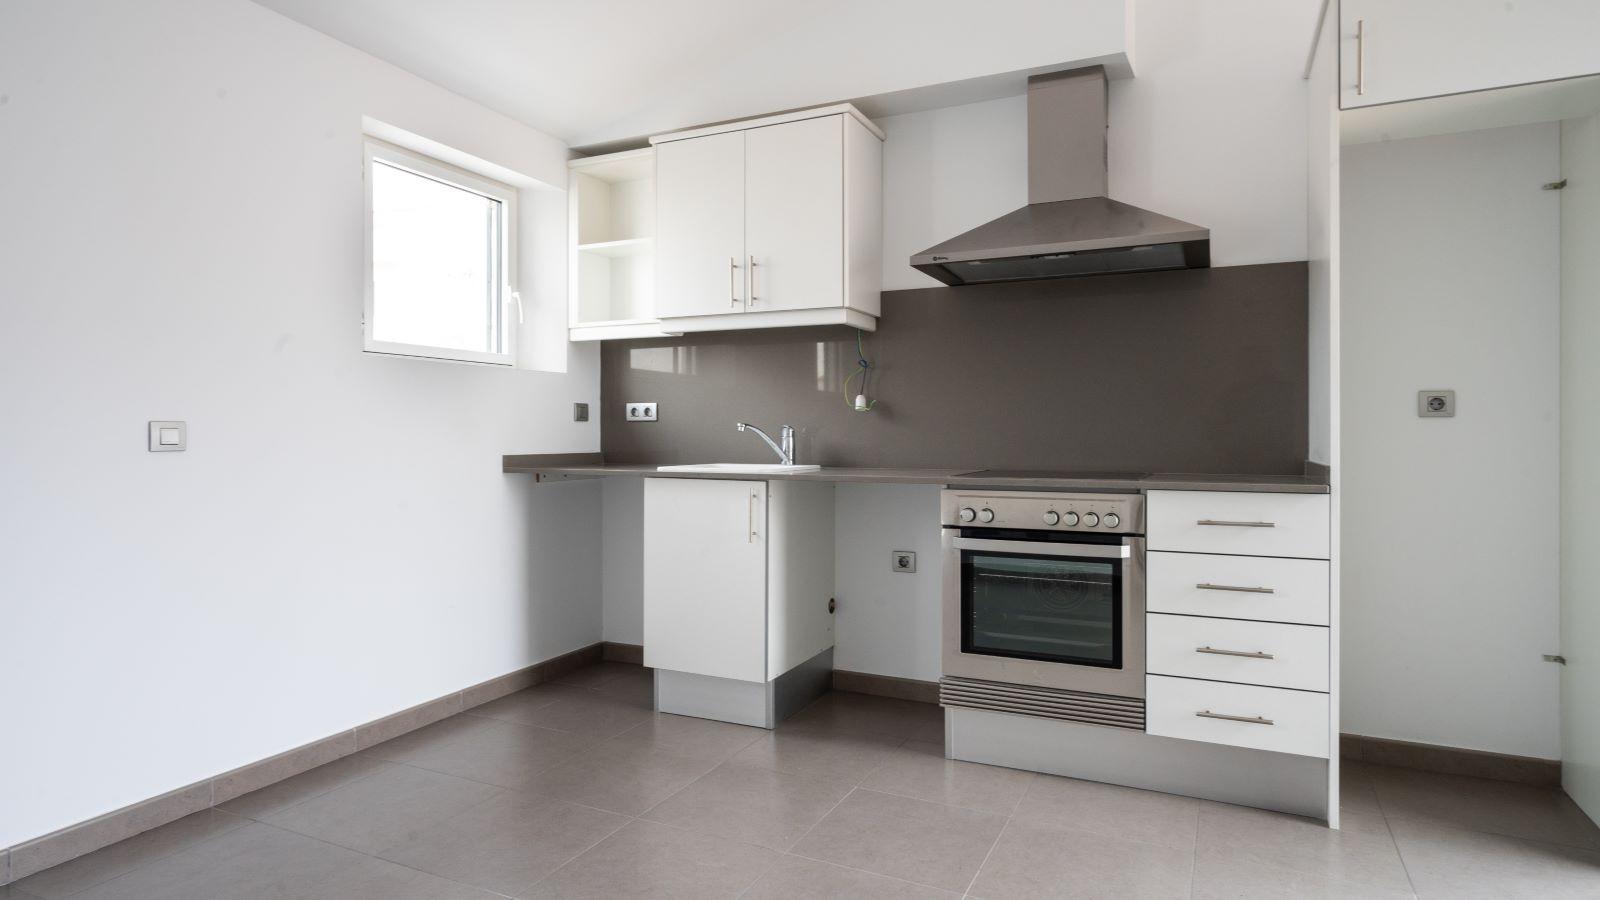 Wohnung in Es Castell Ref: V2138 (16) 1